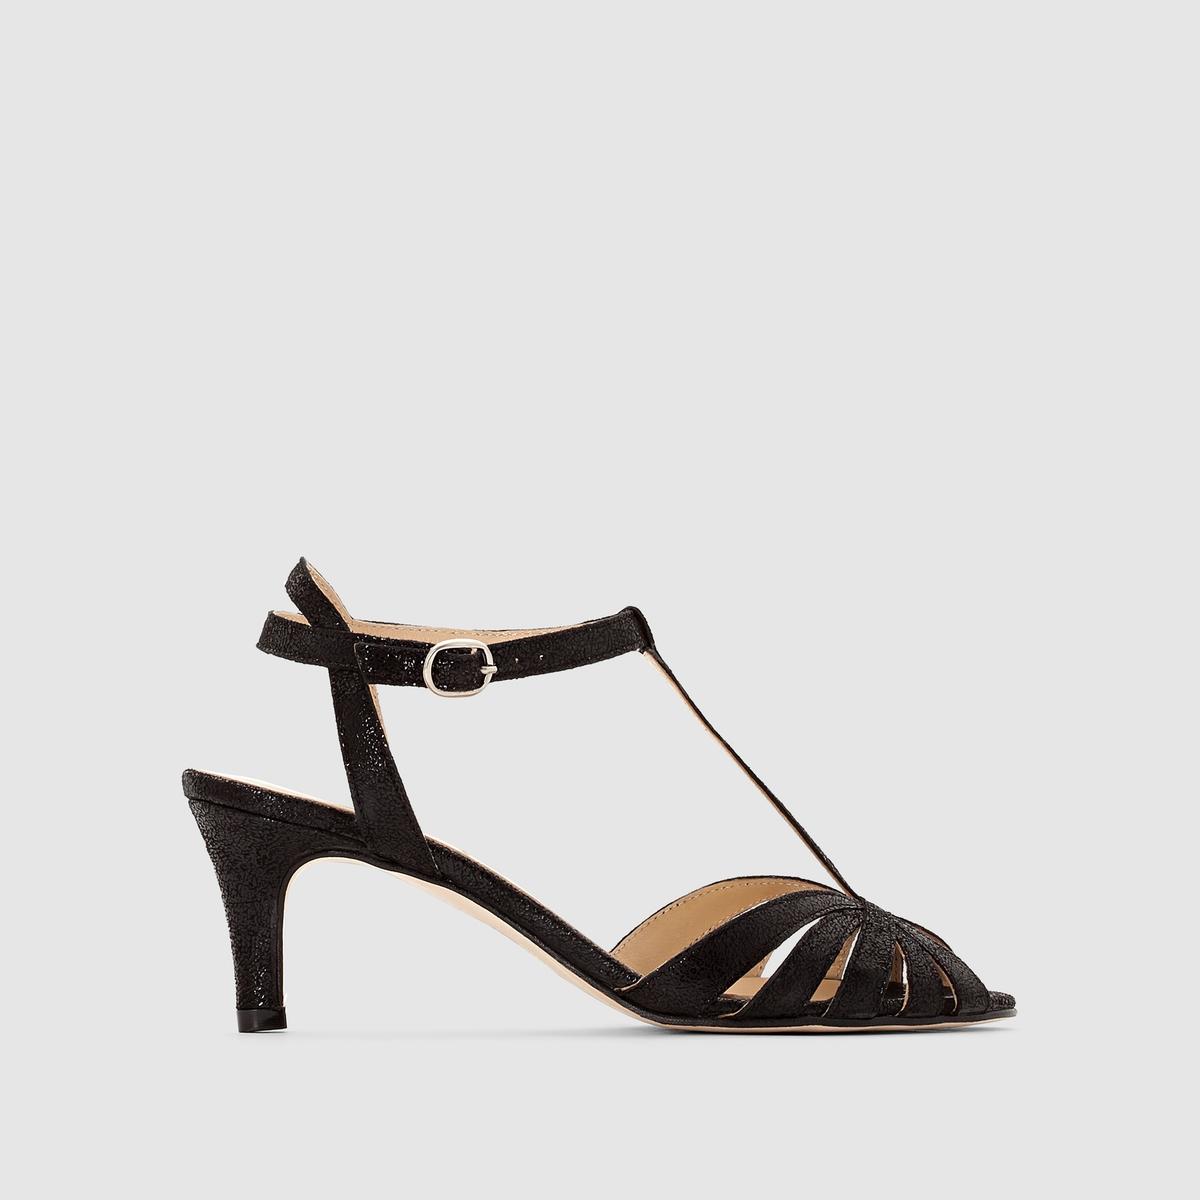 Босоножки из неотделанной велюровой кожи на каблуках JONAKБосоножки из неотделанной кожи JONAK Верх : Неотделанная (телячья) велюровая кожа  (Подкладка : кожа.Стелька : кожа.Подошва : эластомер.Высота каблука : 5 см.Застежка : пряжкаПреимущества: не нужно искать, перед вами босоножки на каблуках из велюровой кожи, которые не оставят вас безразличными благодаря своей боковой пряжке и каблуку необходимой длины для сохранения легендарного комфорта от JONAK.<br><br>Цвет: черный с блеском<br>Размер: 39.41